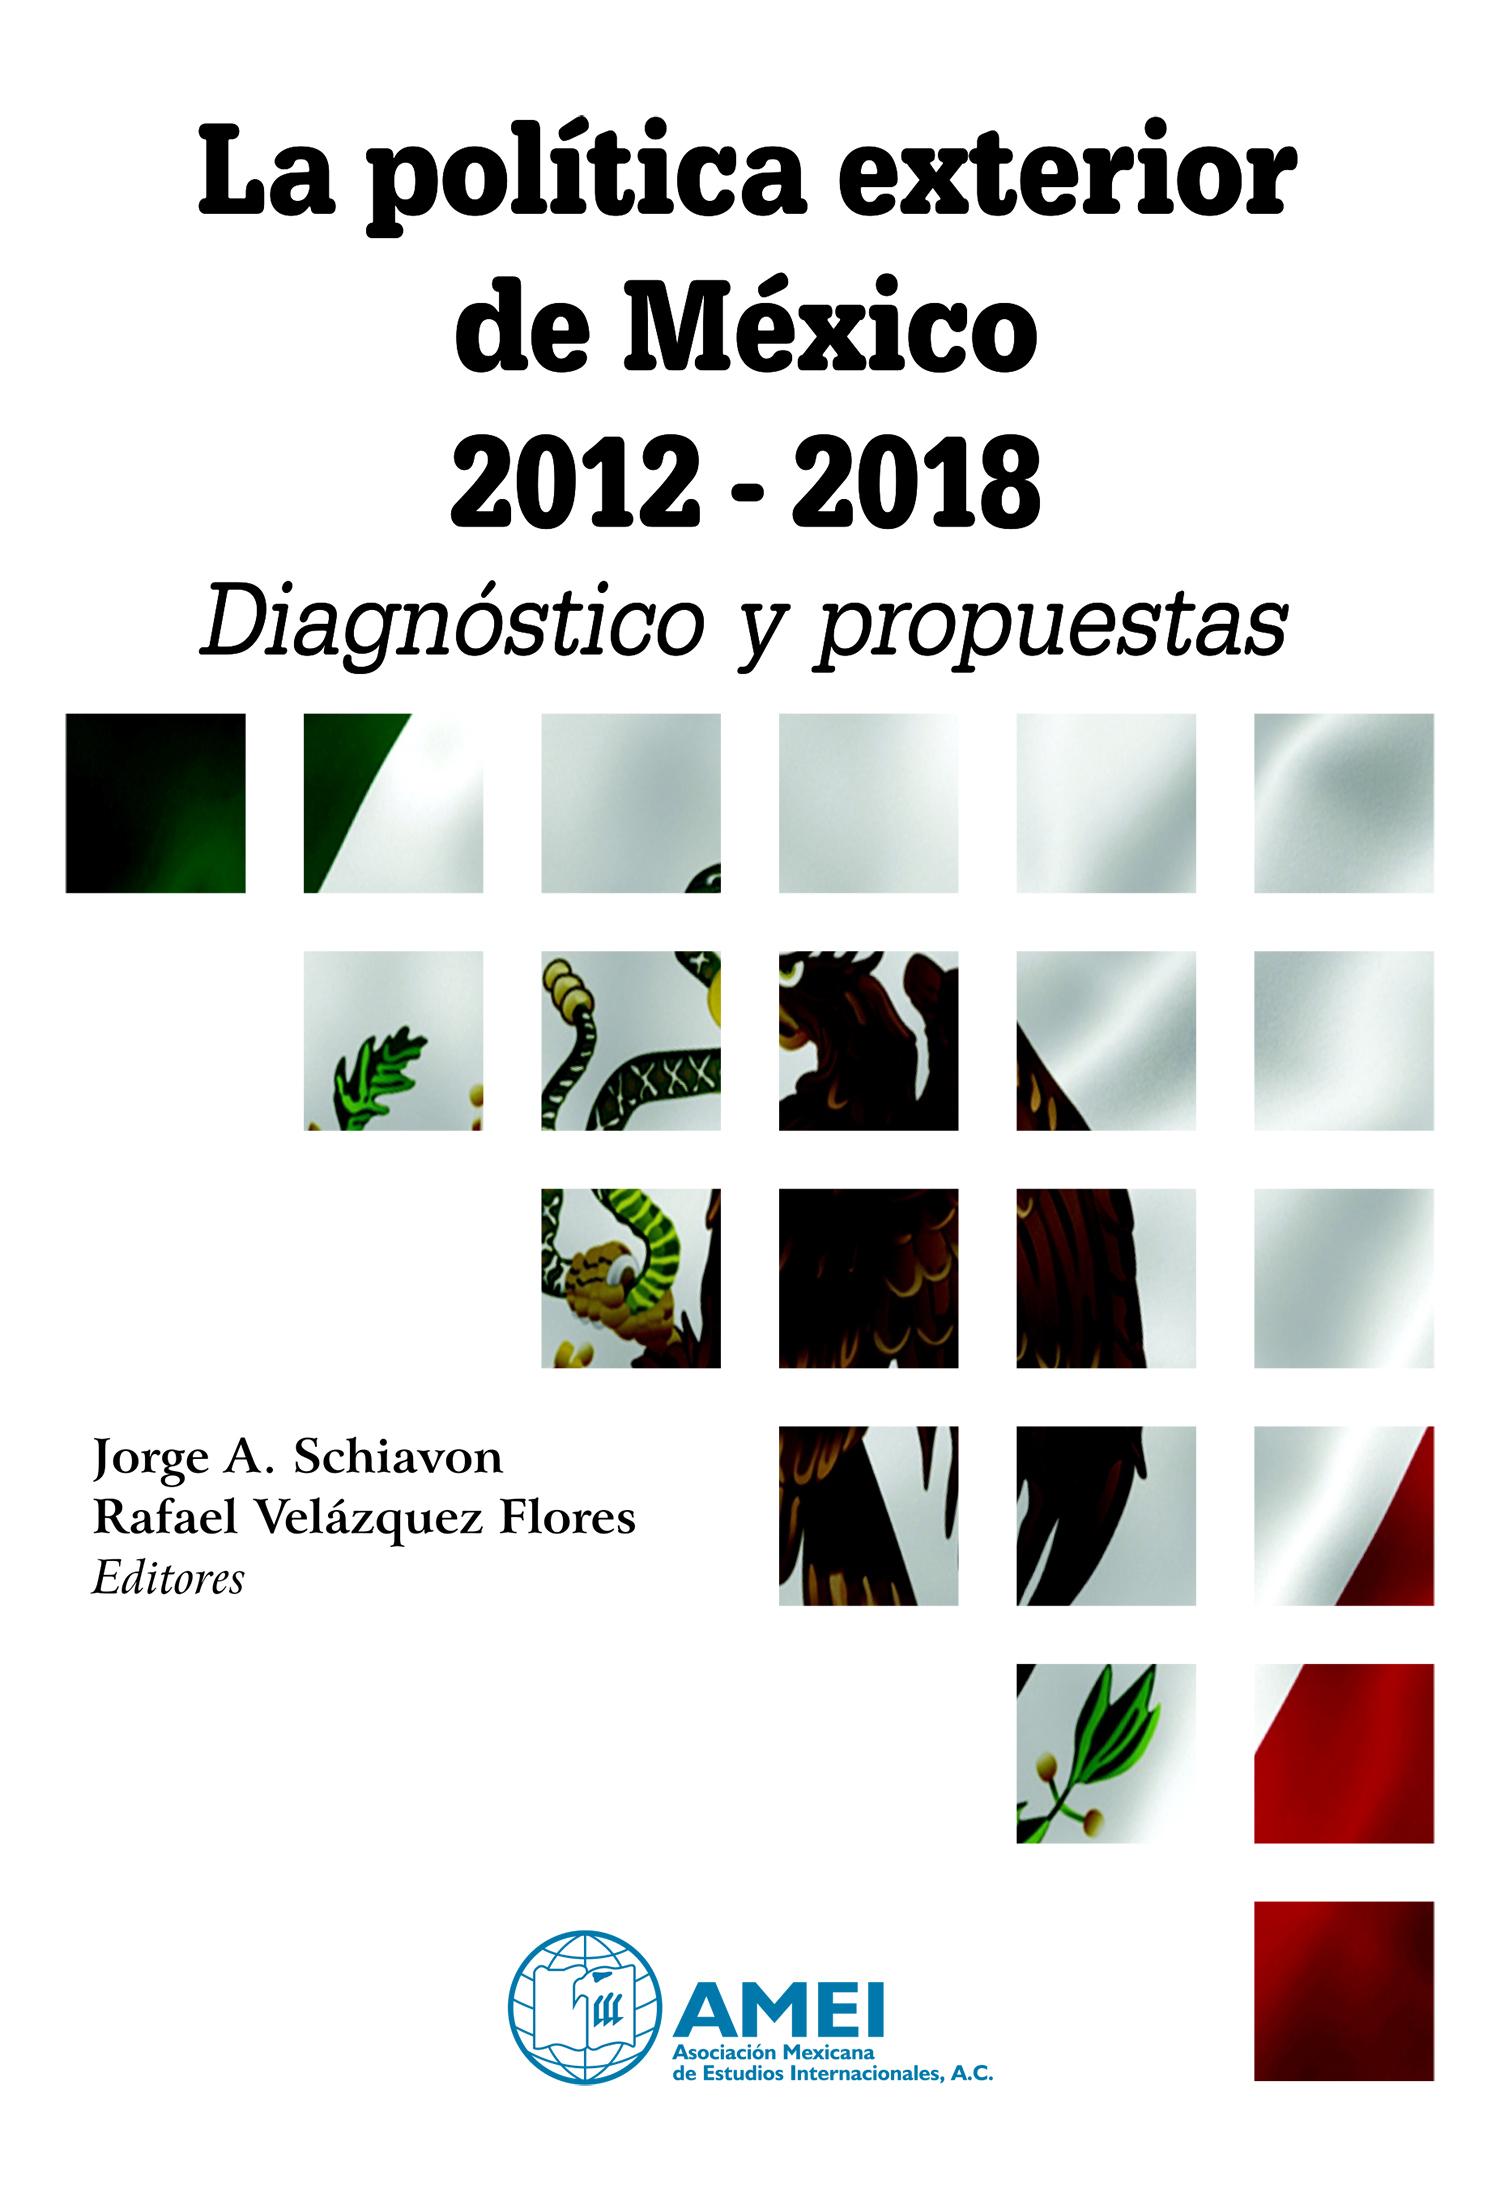 La política exterior de México 2012 - 2018: Diagnóstico y propuestas Book Cover